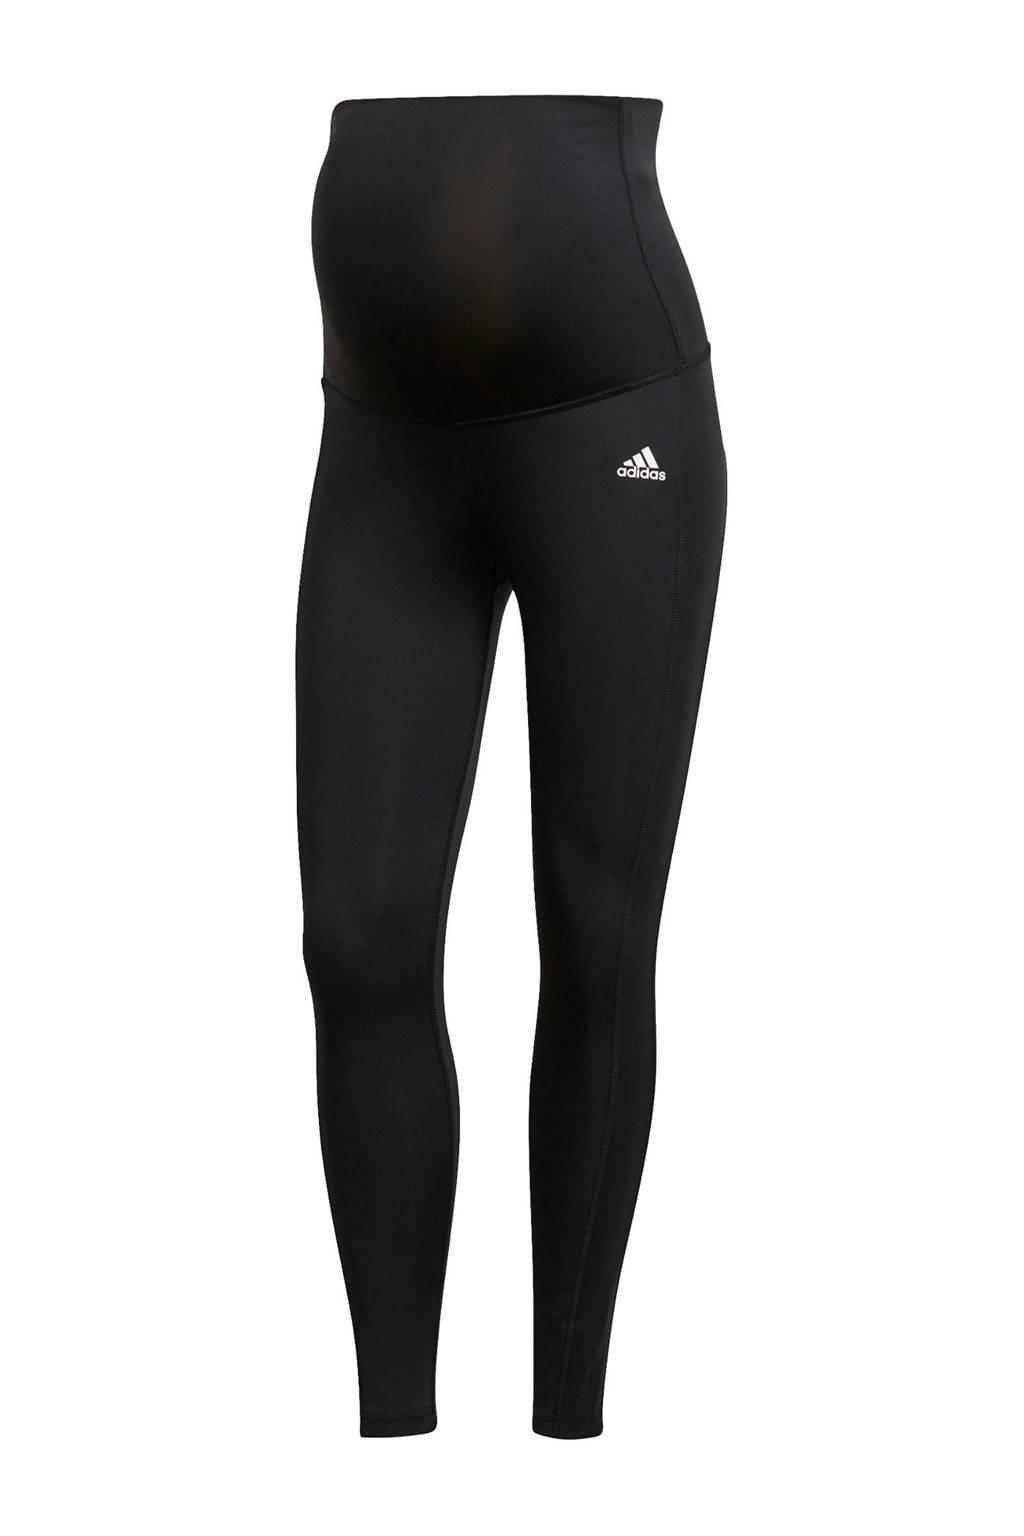 adidas Performance Designed2Move zwangerschaps sportlegging zwart/wit, Zwart/wit